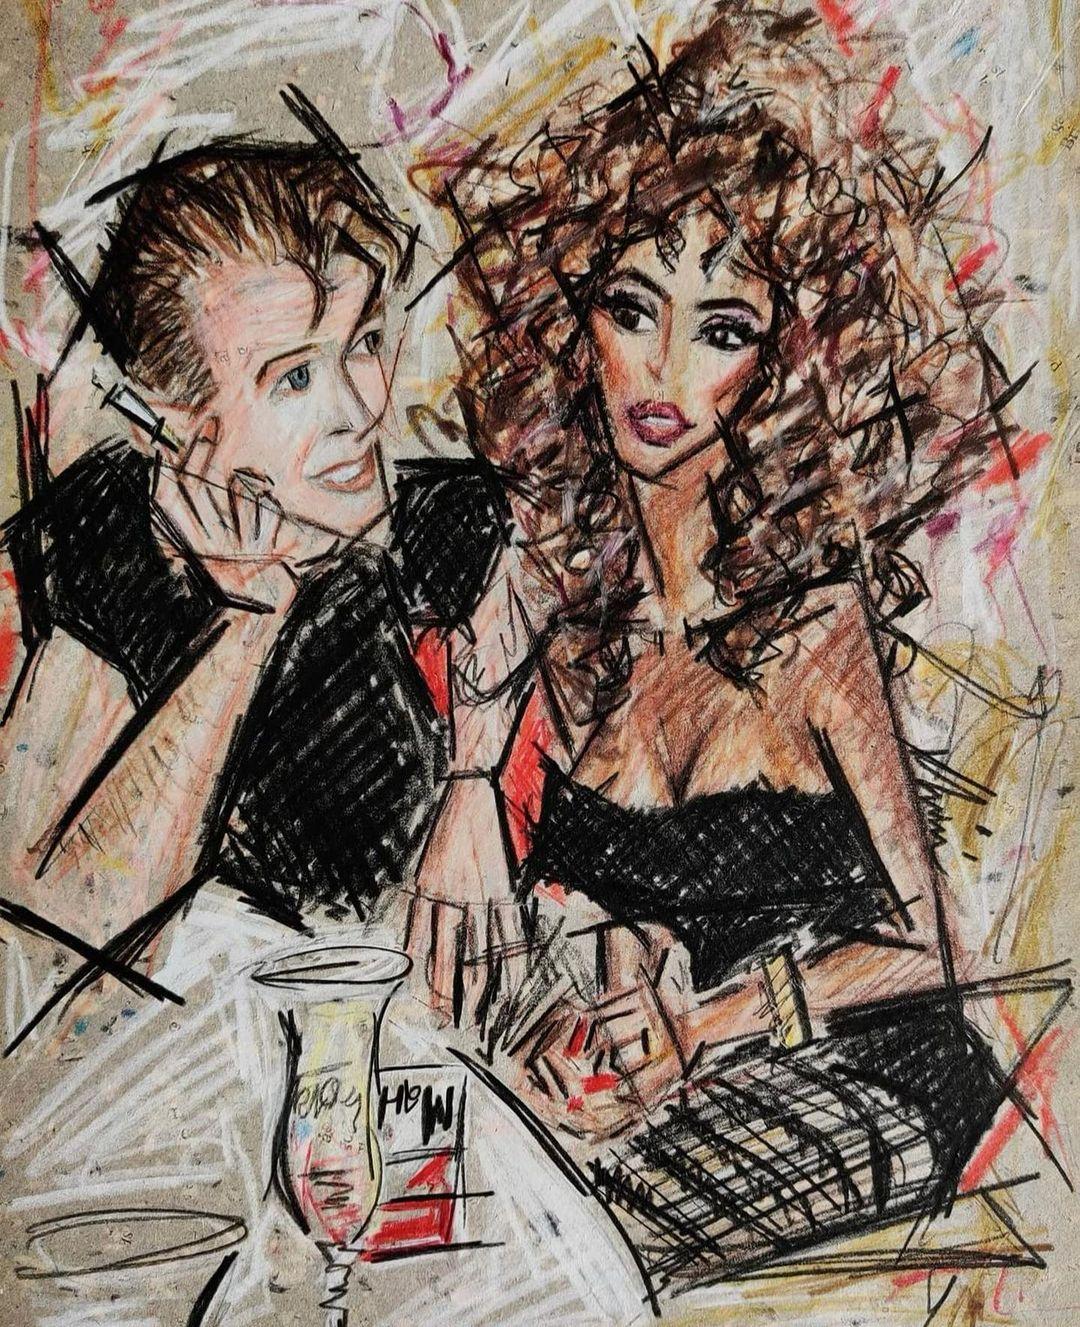 Bức tranh vẽ Iman và David Bowie thời trẻ, do họa sĩ Shirin Godhrawala thực hiện. Ảnh: Instagram Iman.